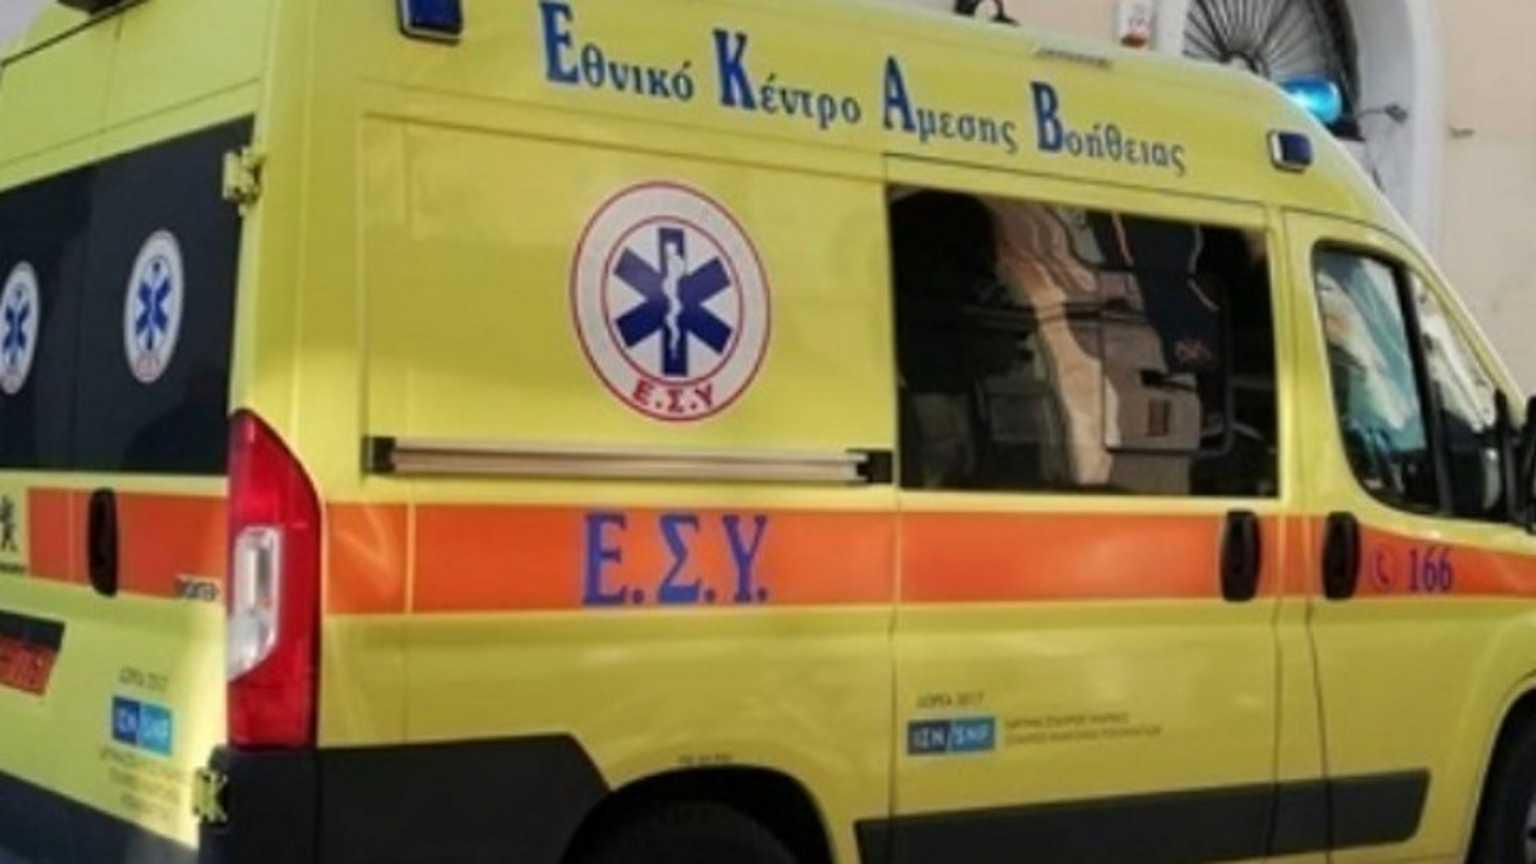 Γιαννιτσά: Νεκρός 41χρονος σε τροχαίο